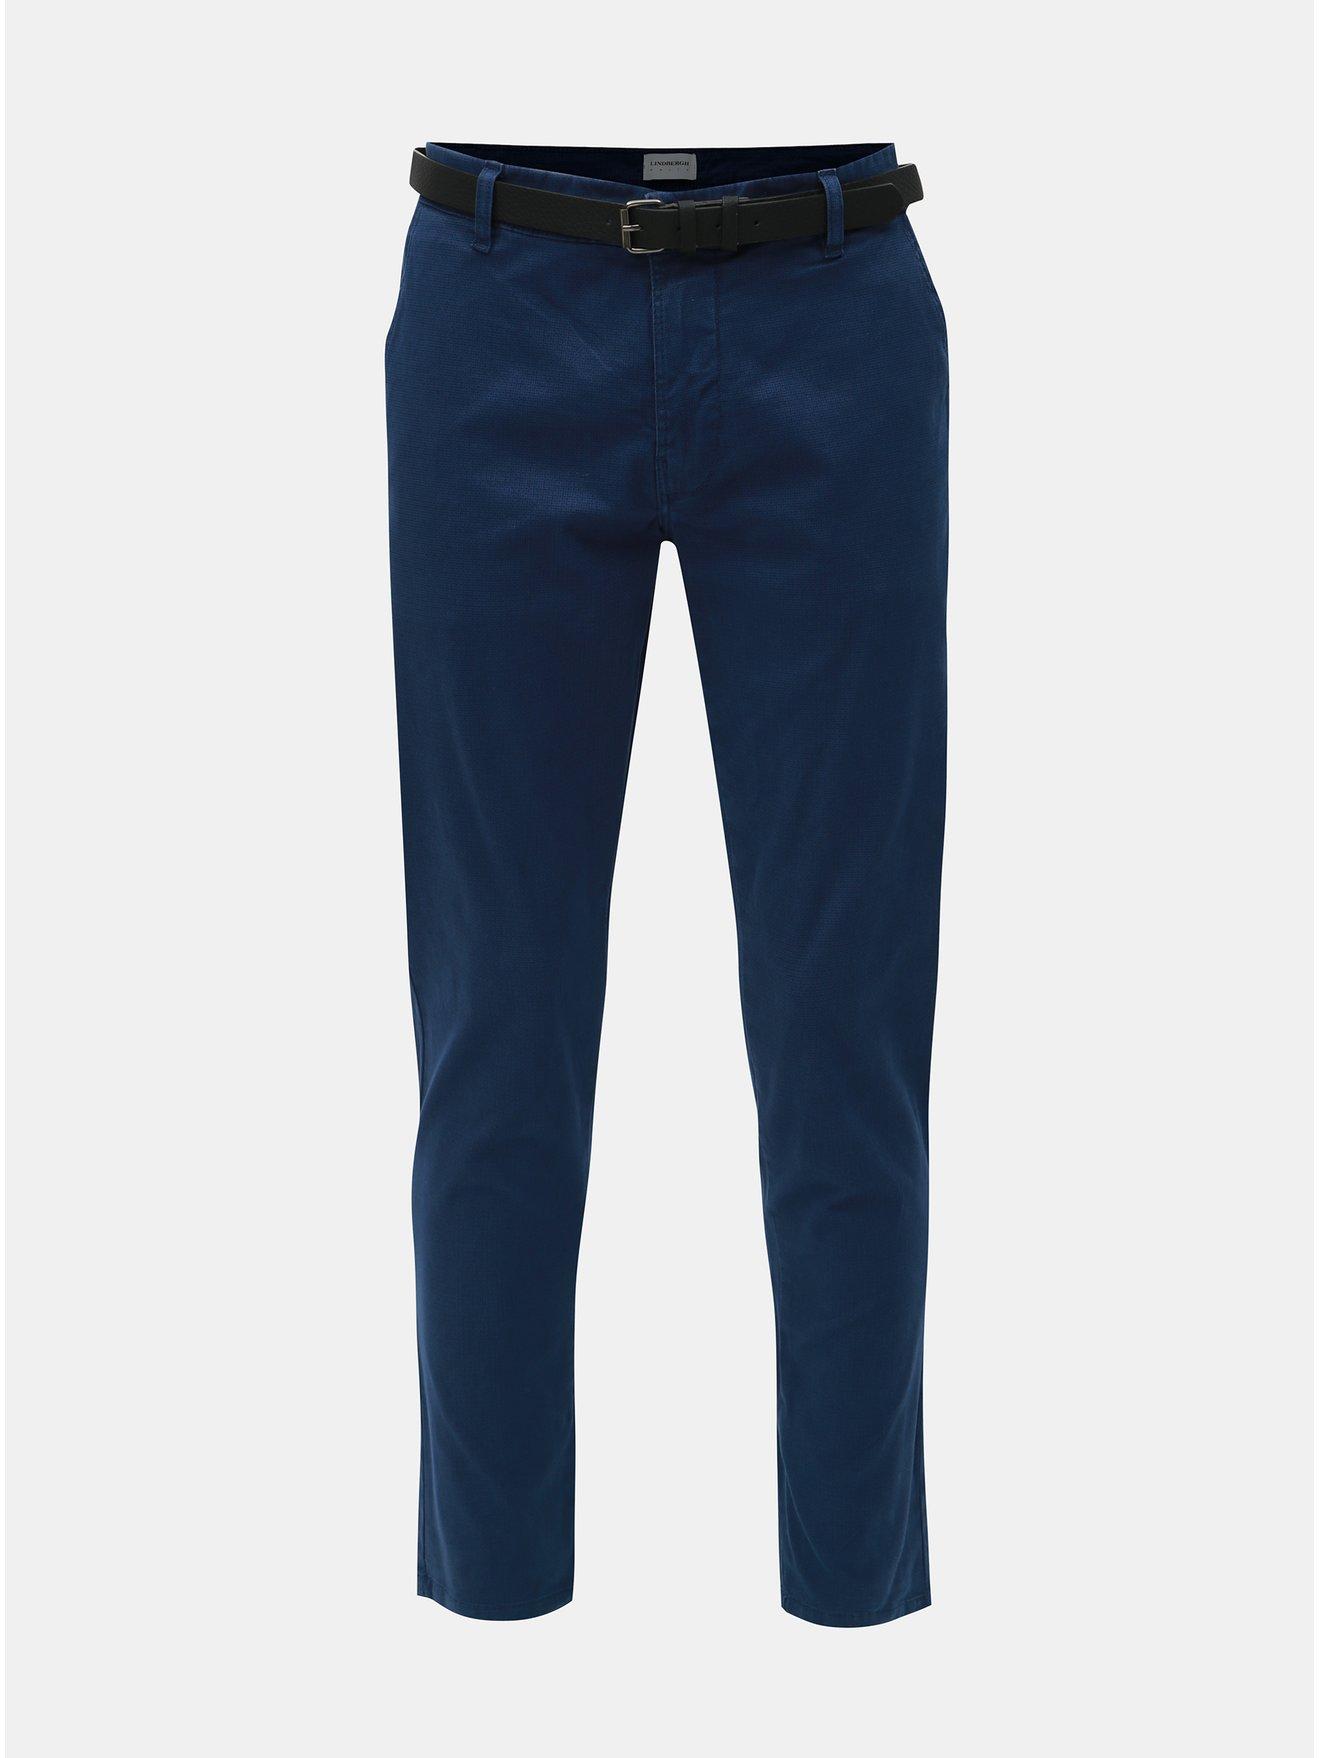 Tmavě modré chino kalhoty s páskem Lindbergh